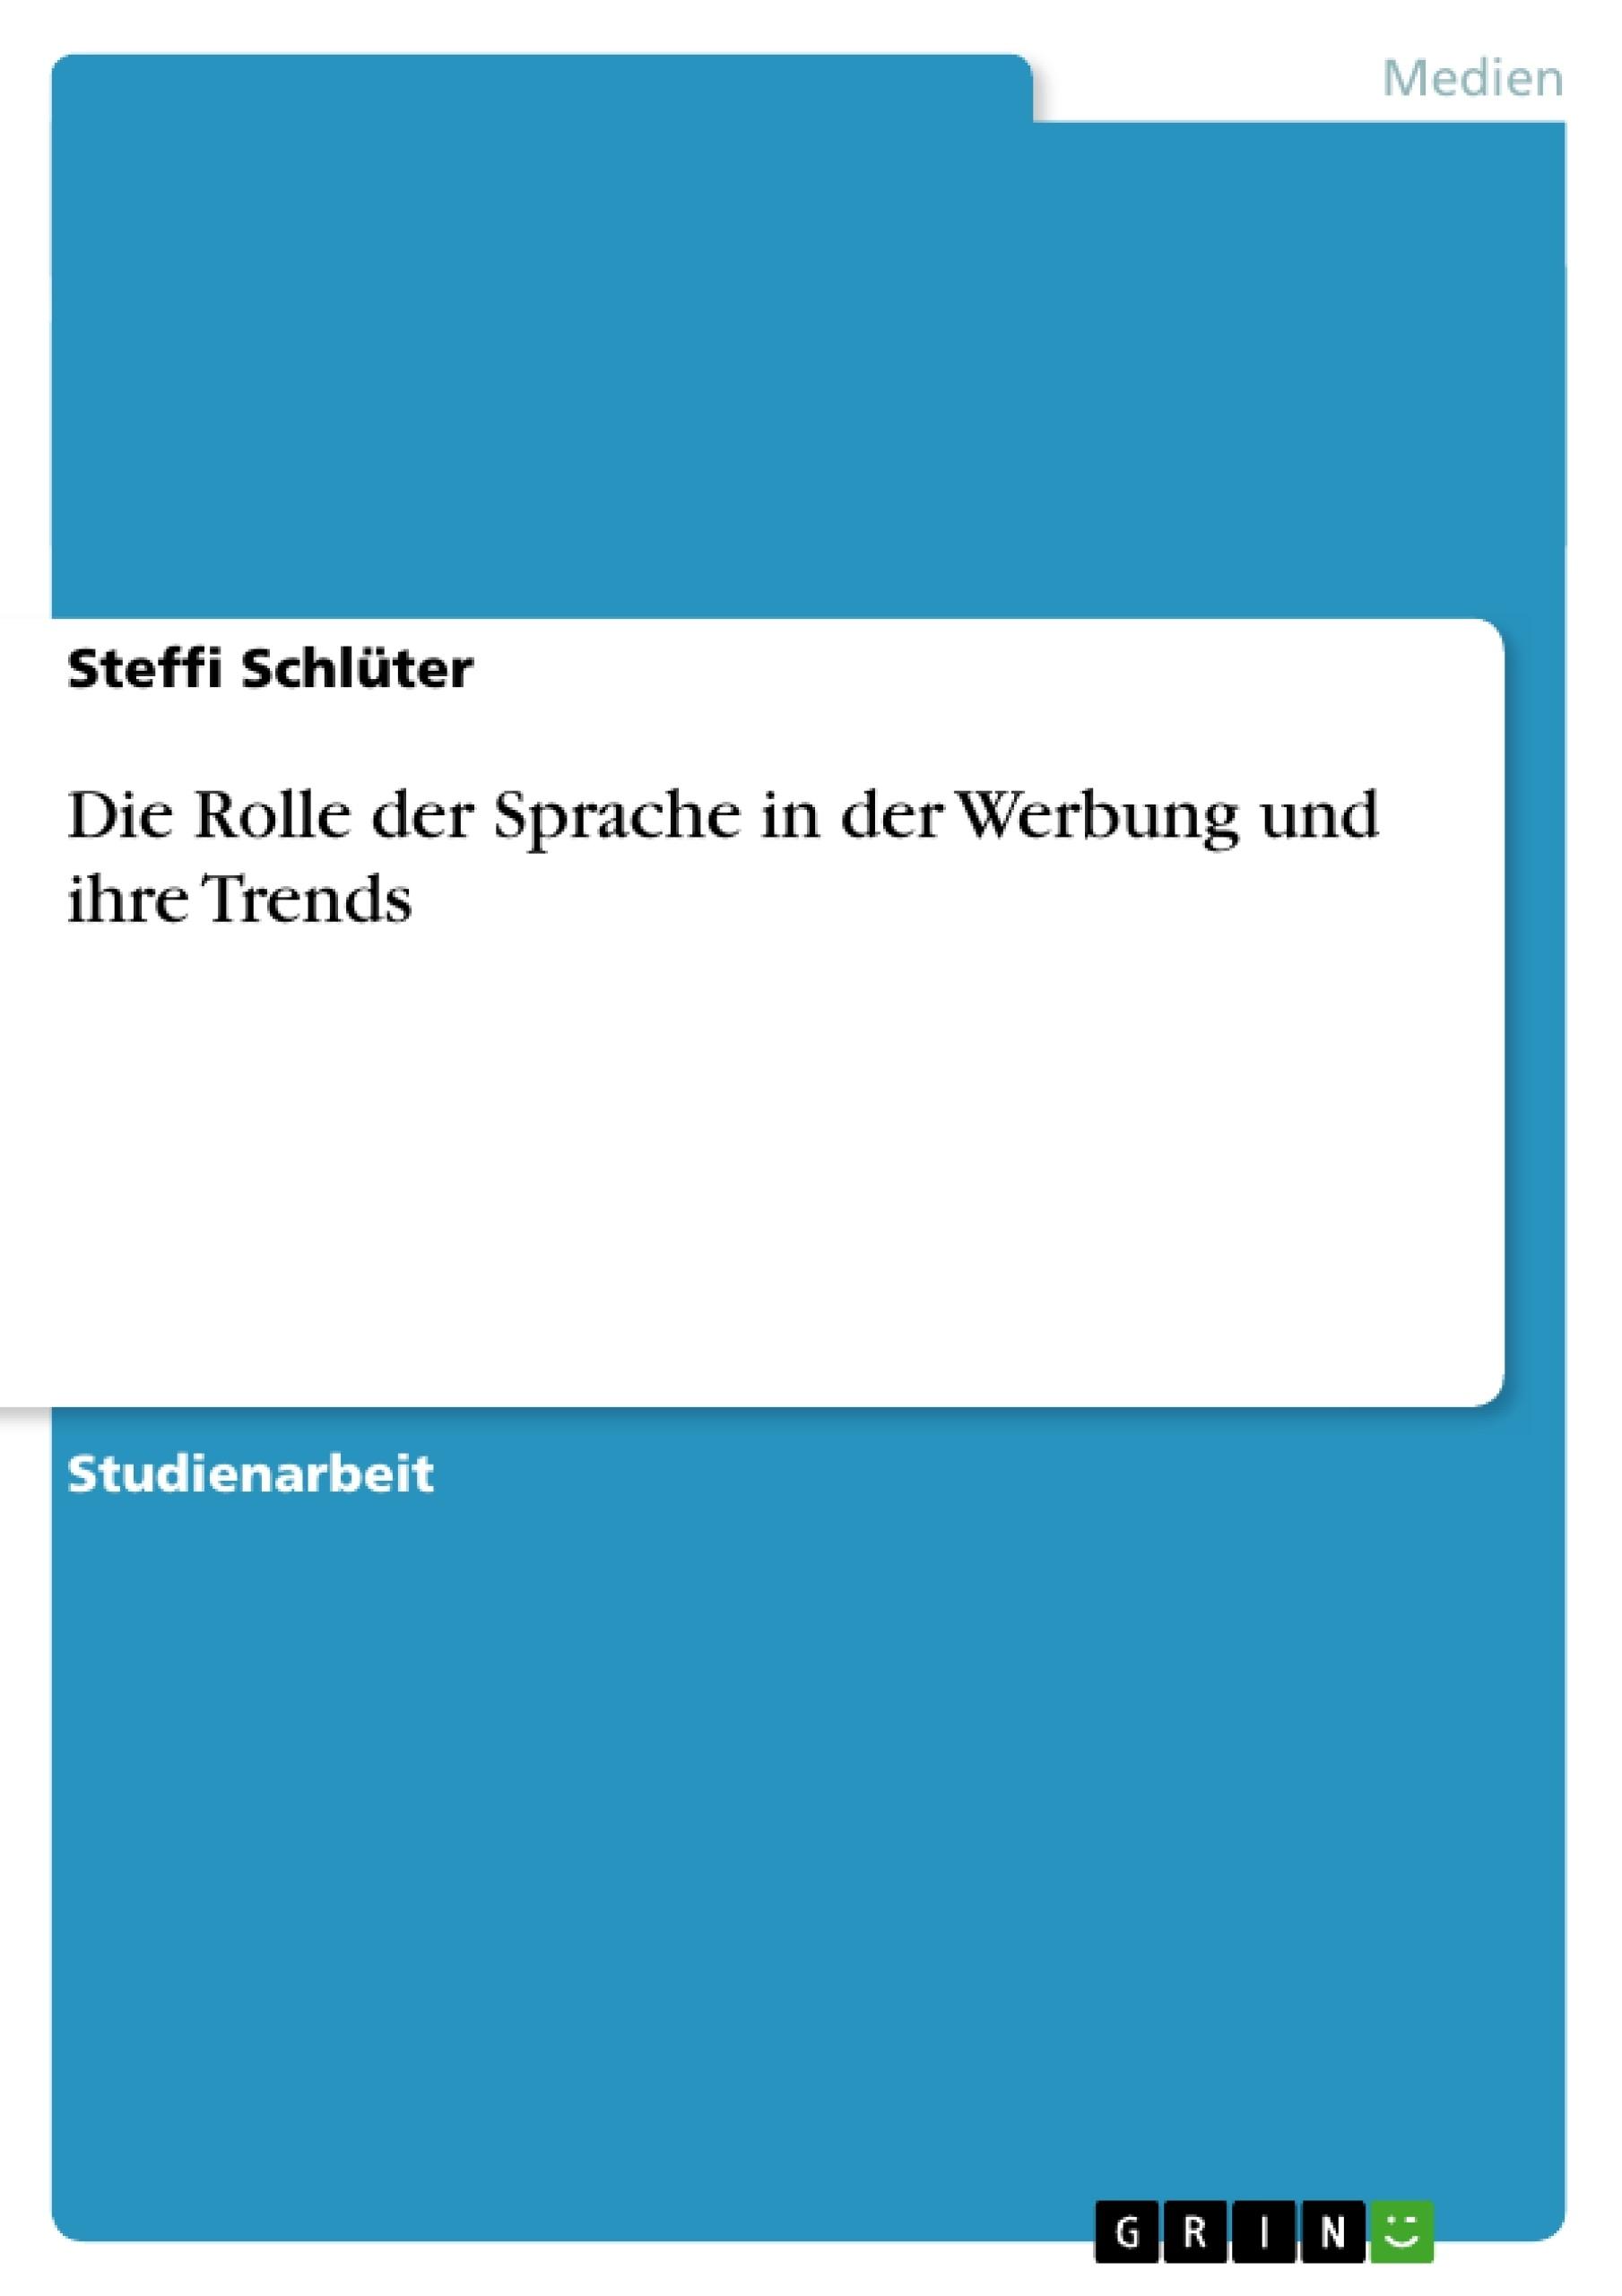 Titel: Die Rolle der Sprache in der Werbung und ihre Trends